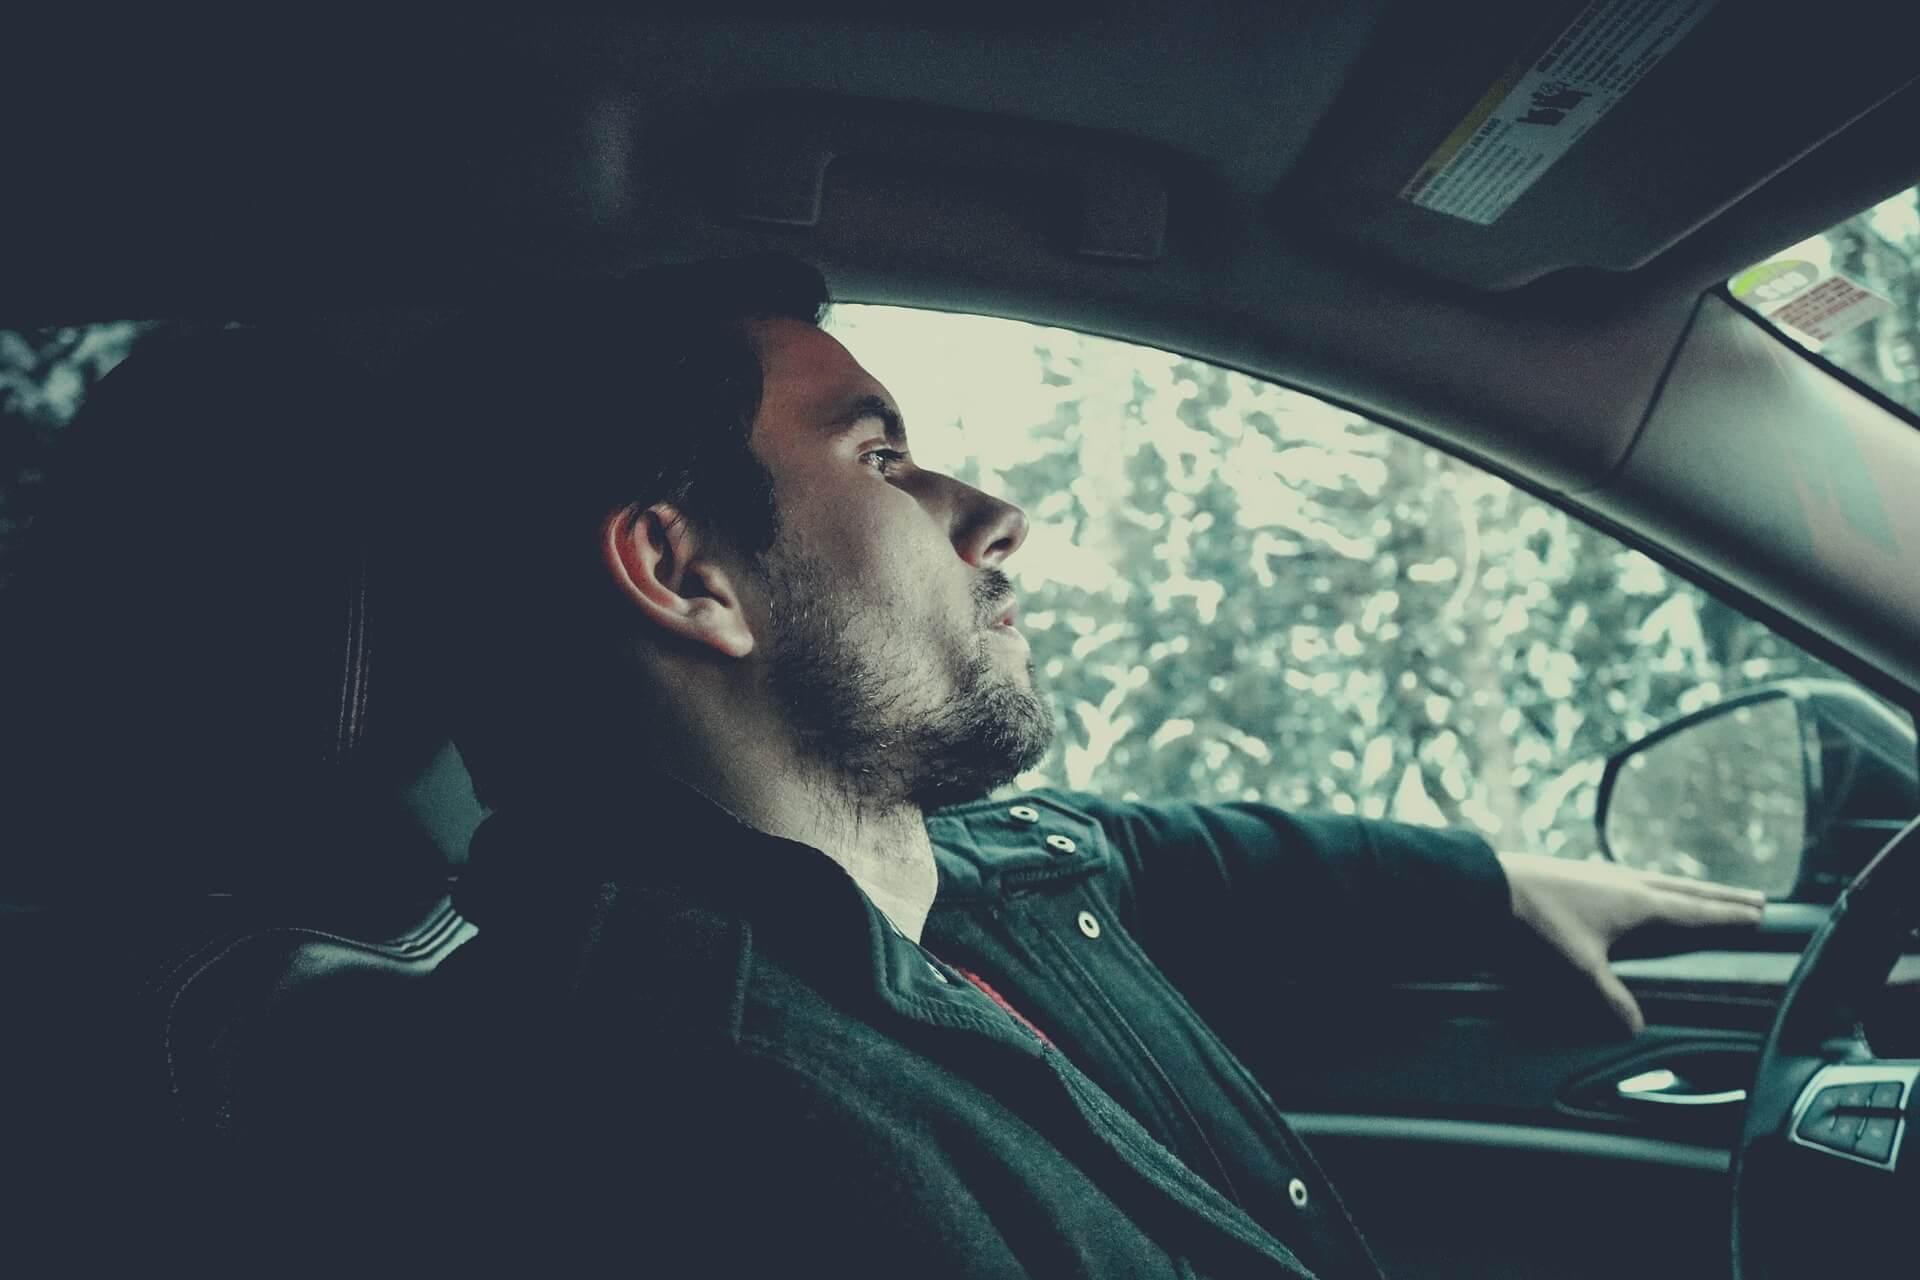 toma de medicamentos en la conducción